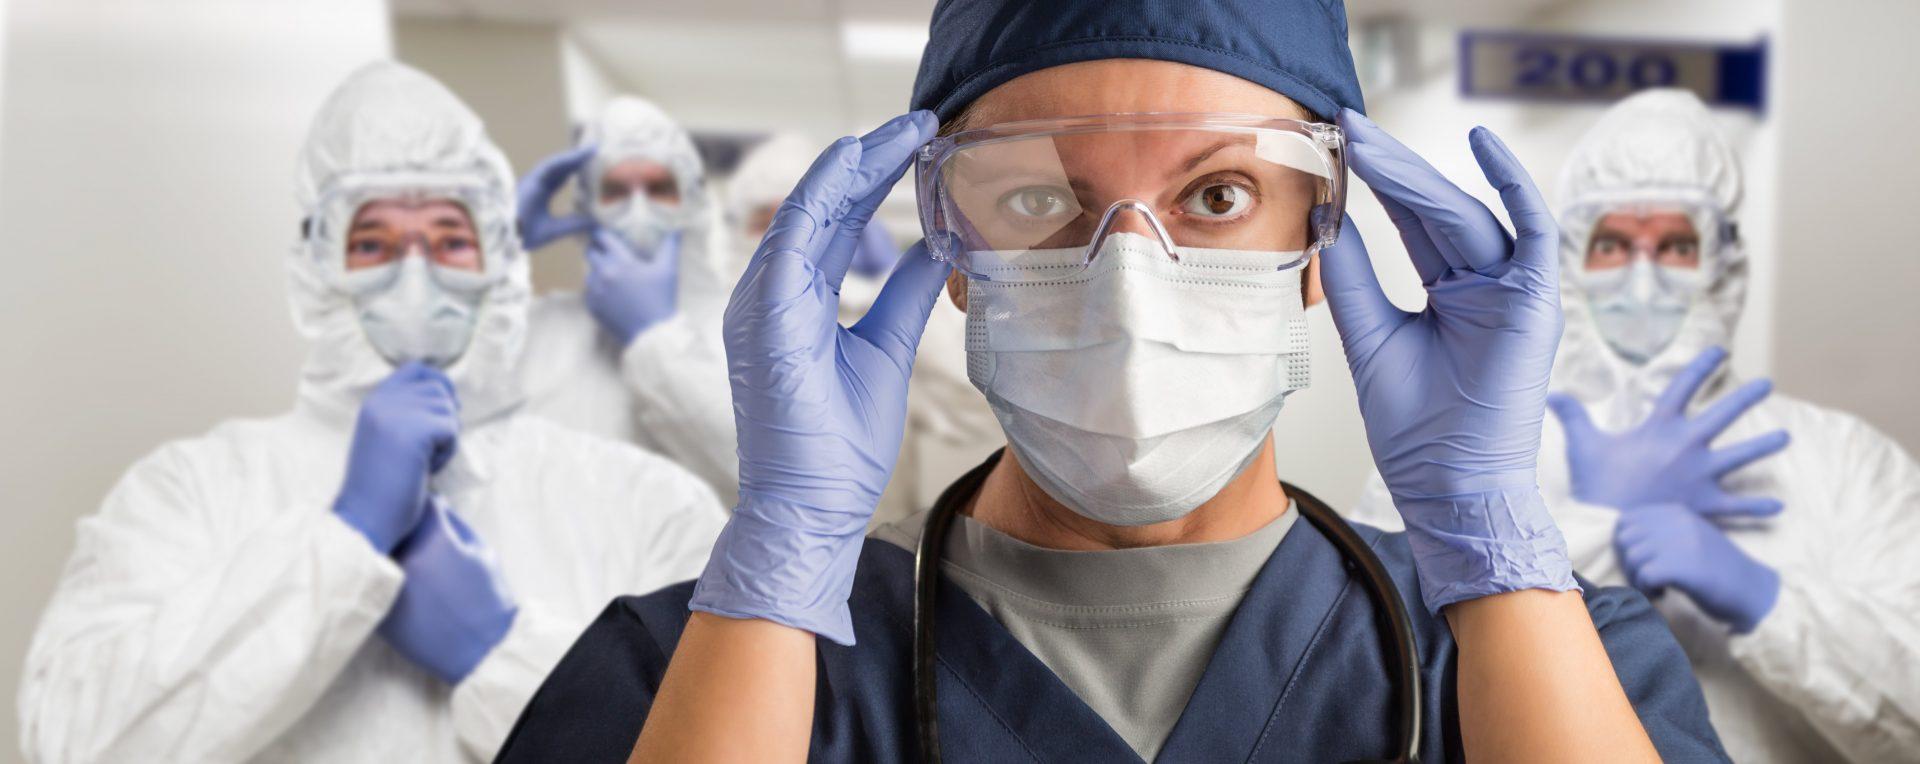 medico coronavirus